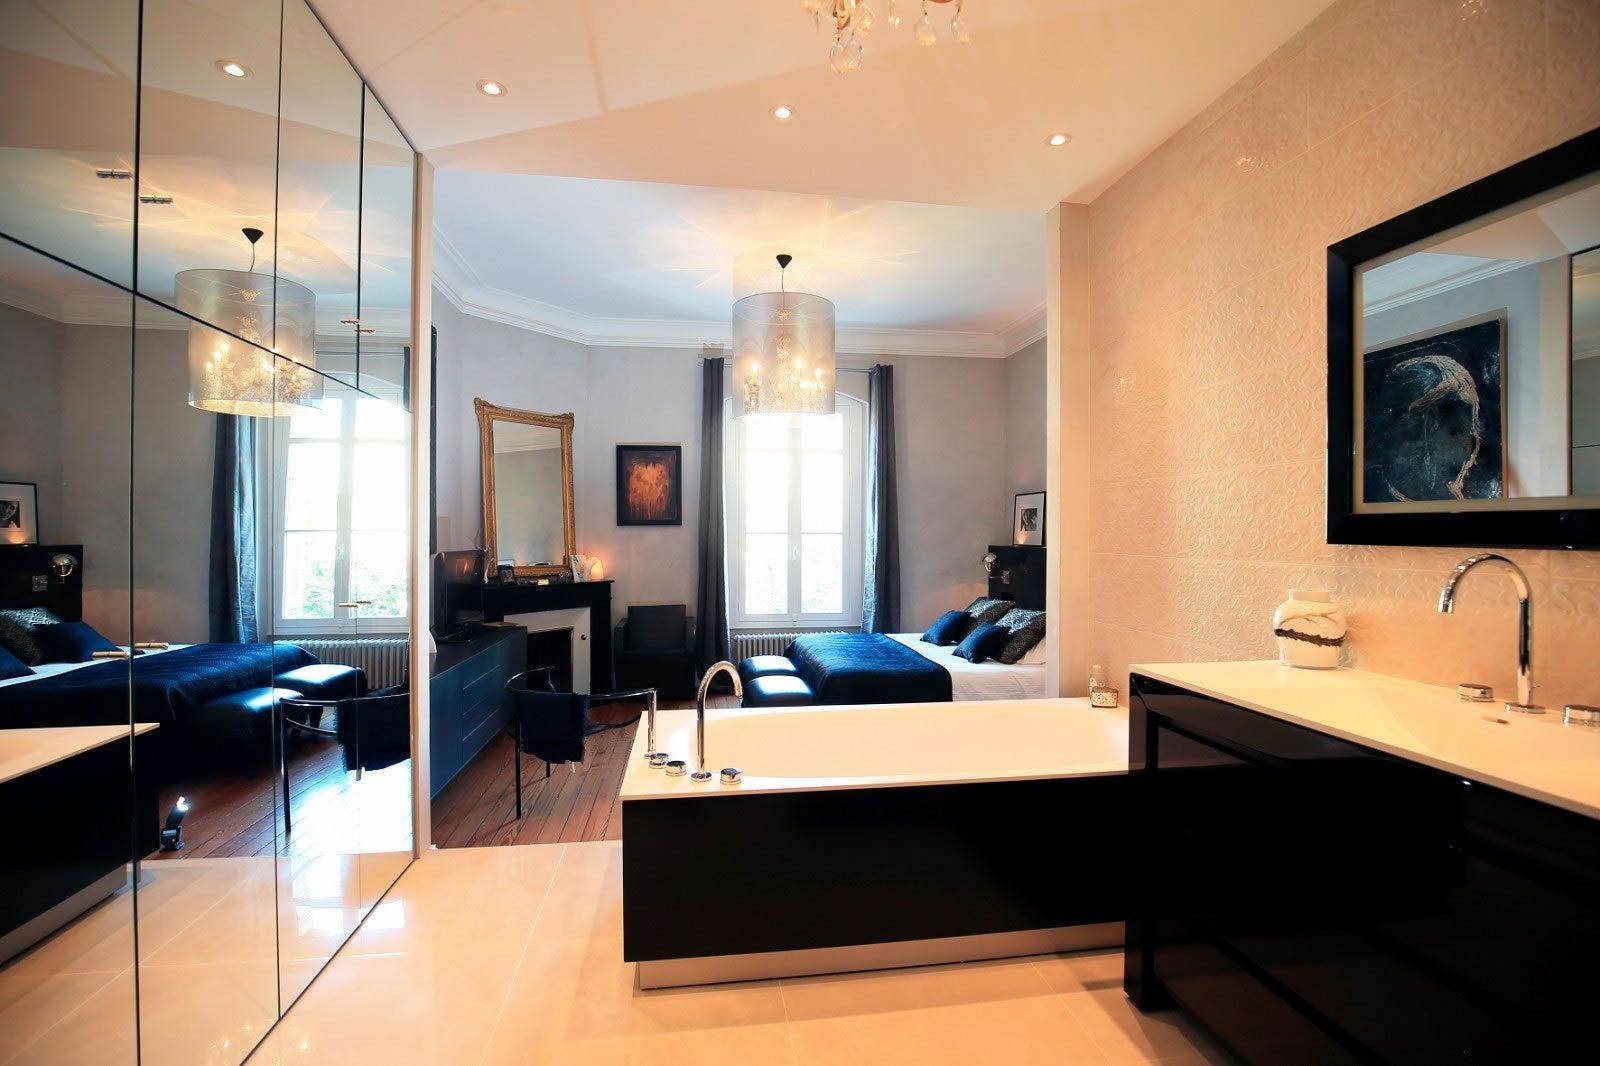 appartement-renove-a-vendre-quartier-saint-pierre-immeuble-pierre-cave